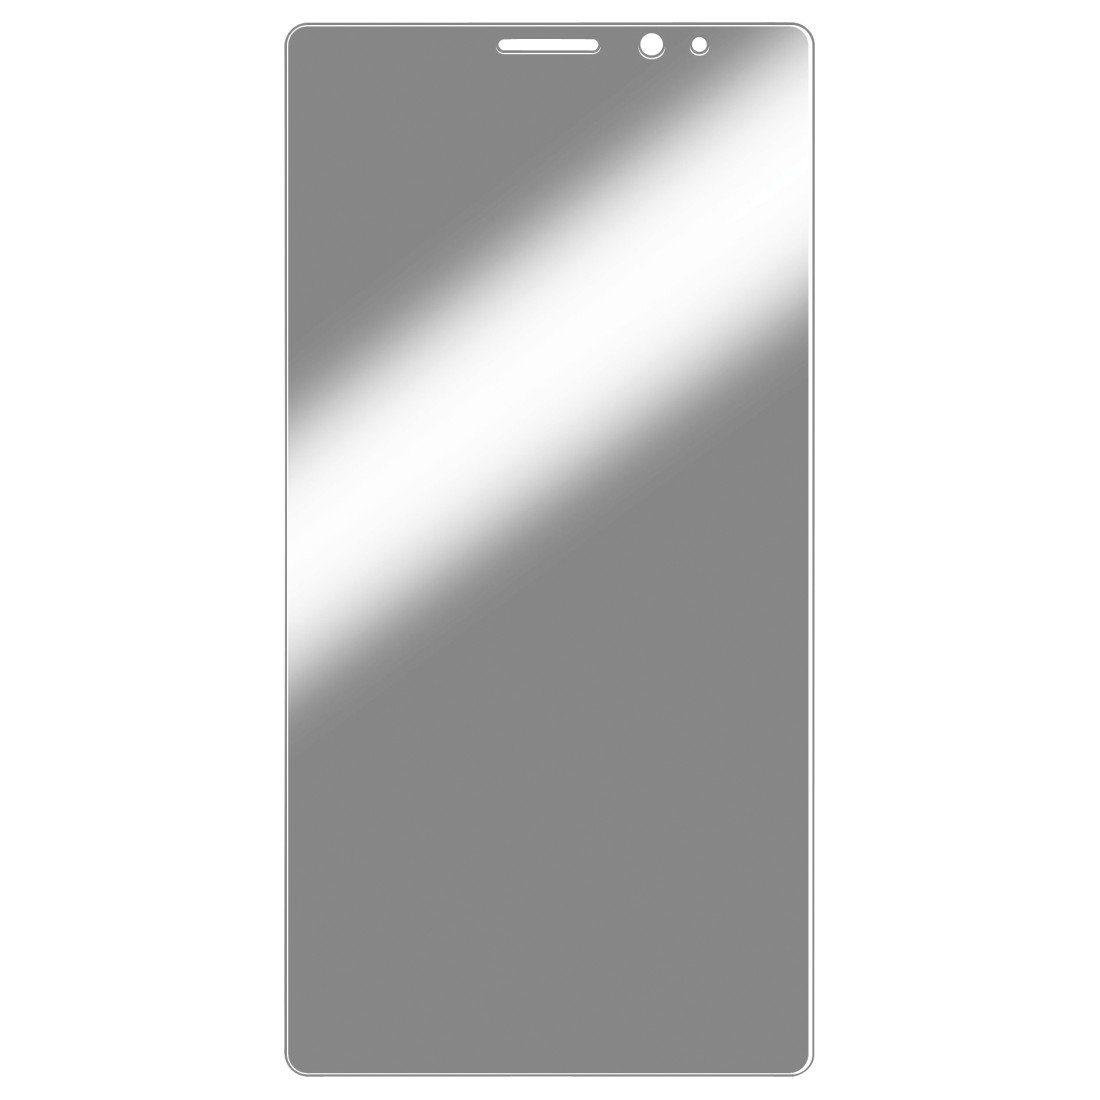 Hama Display-Schutzfolie Crystal Clear für Huawei Mate 8, 2 Stück